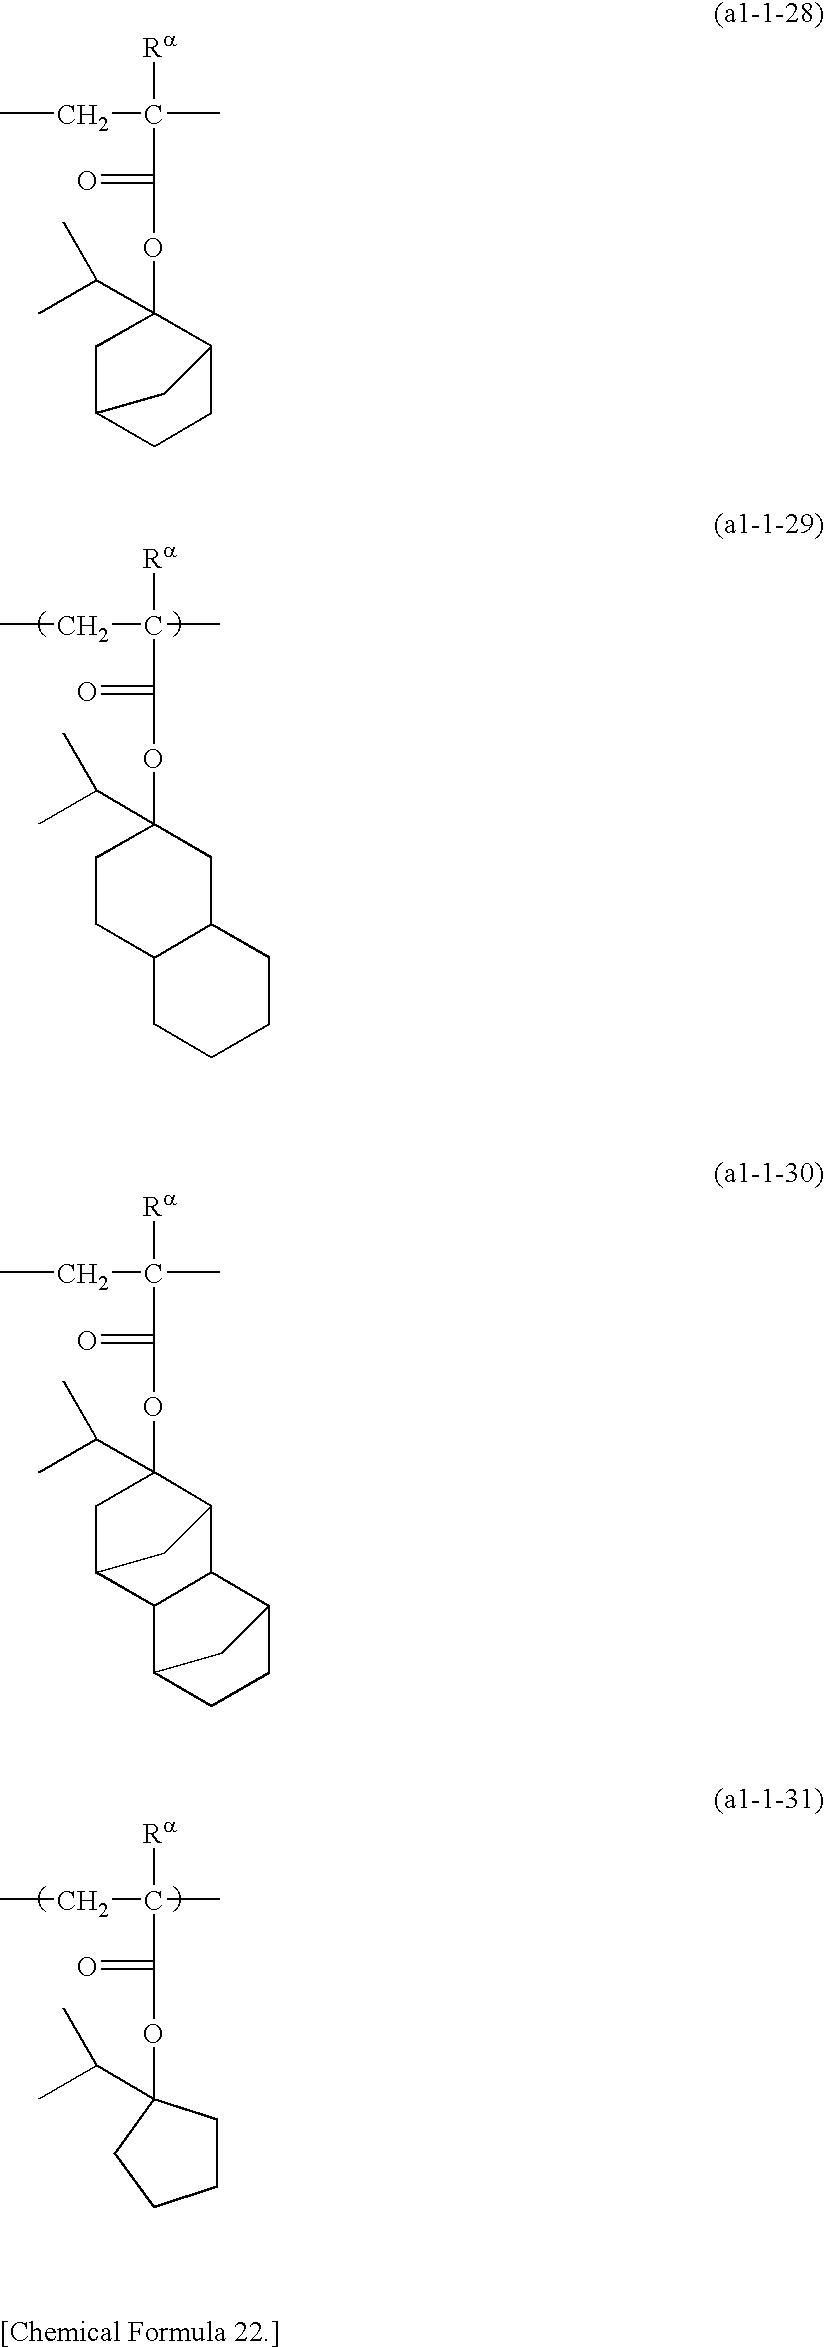 Figure US20100196821A1-20100805-C00027